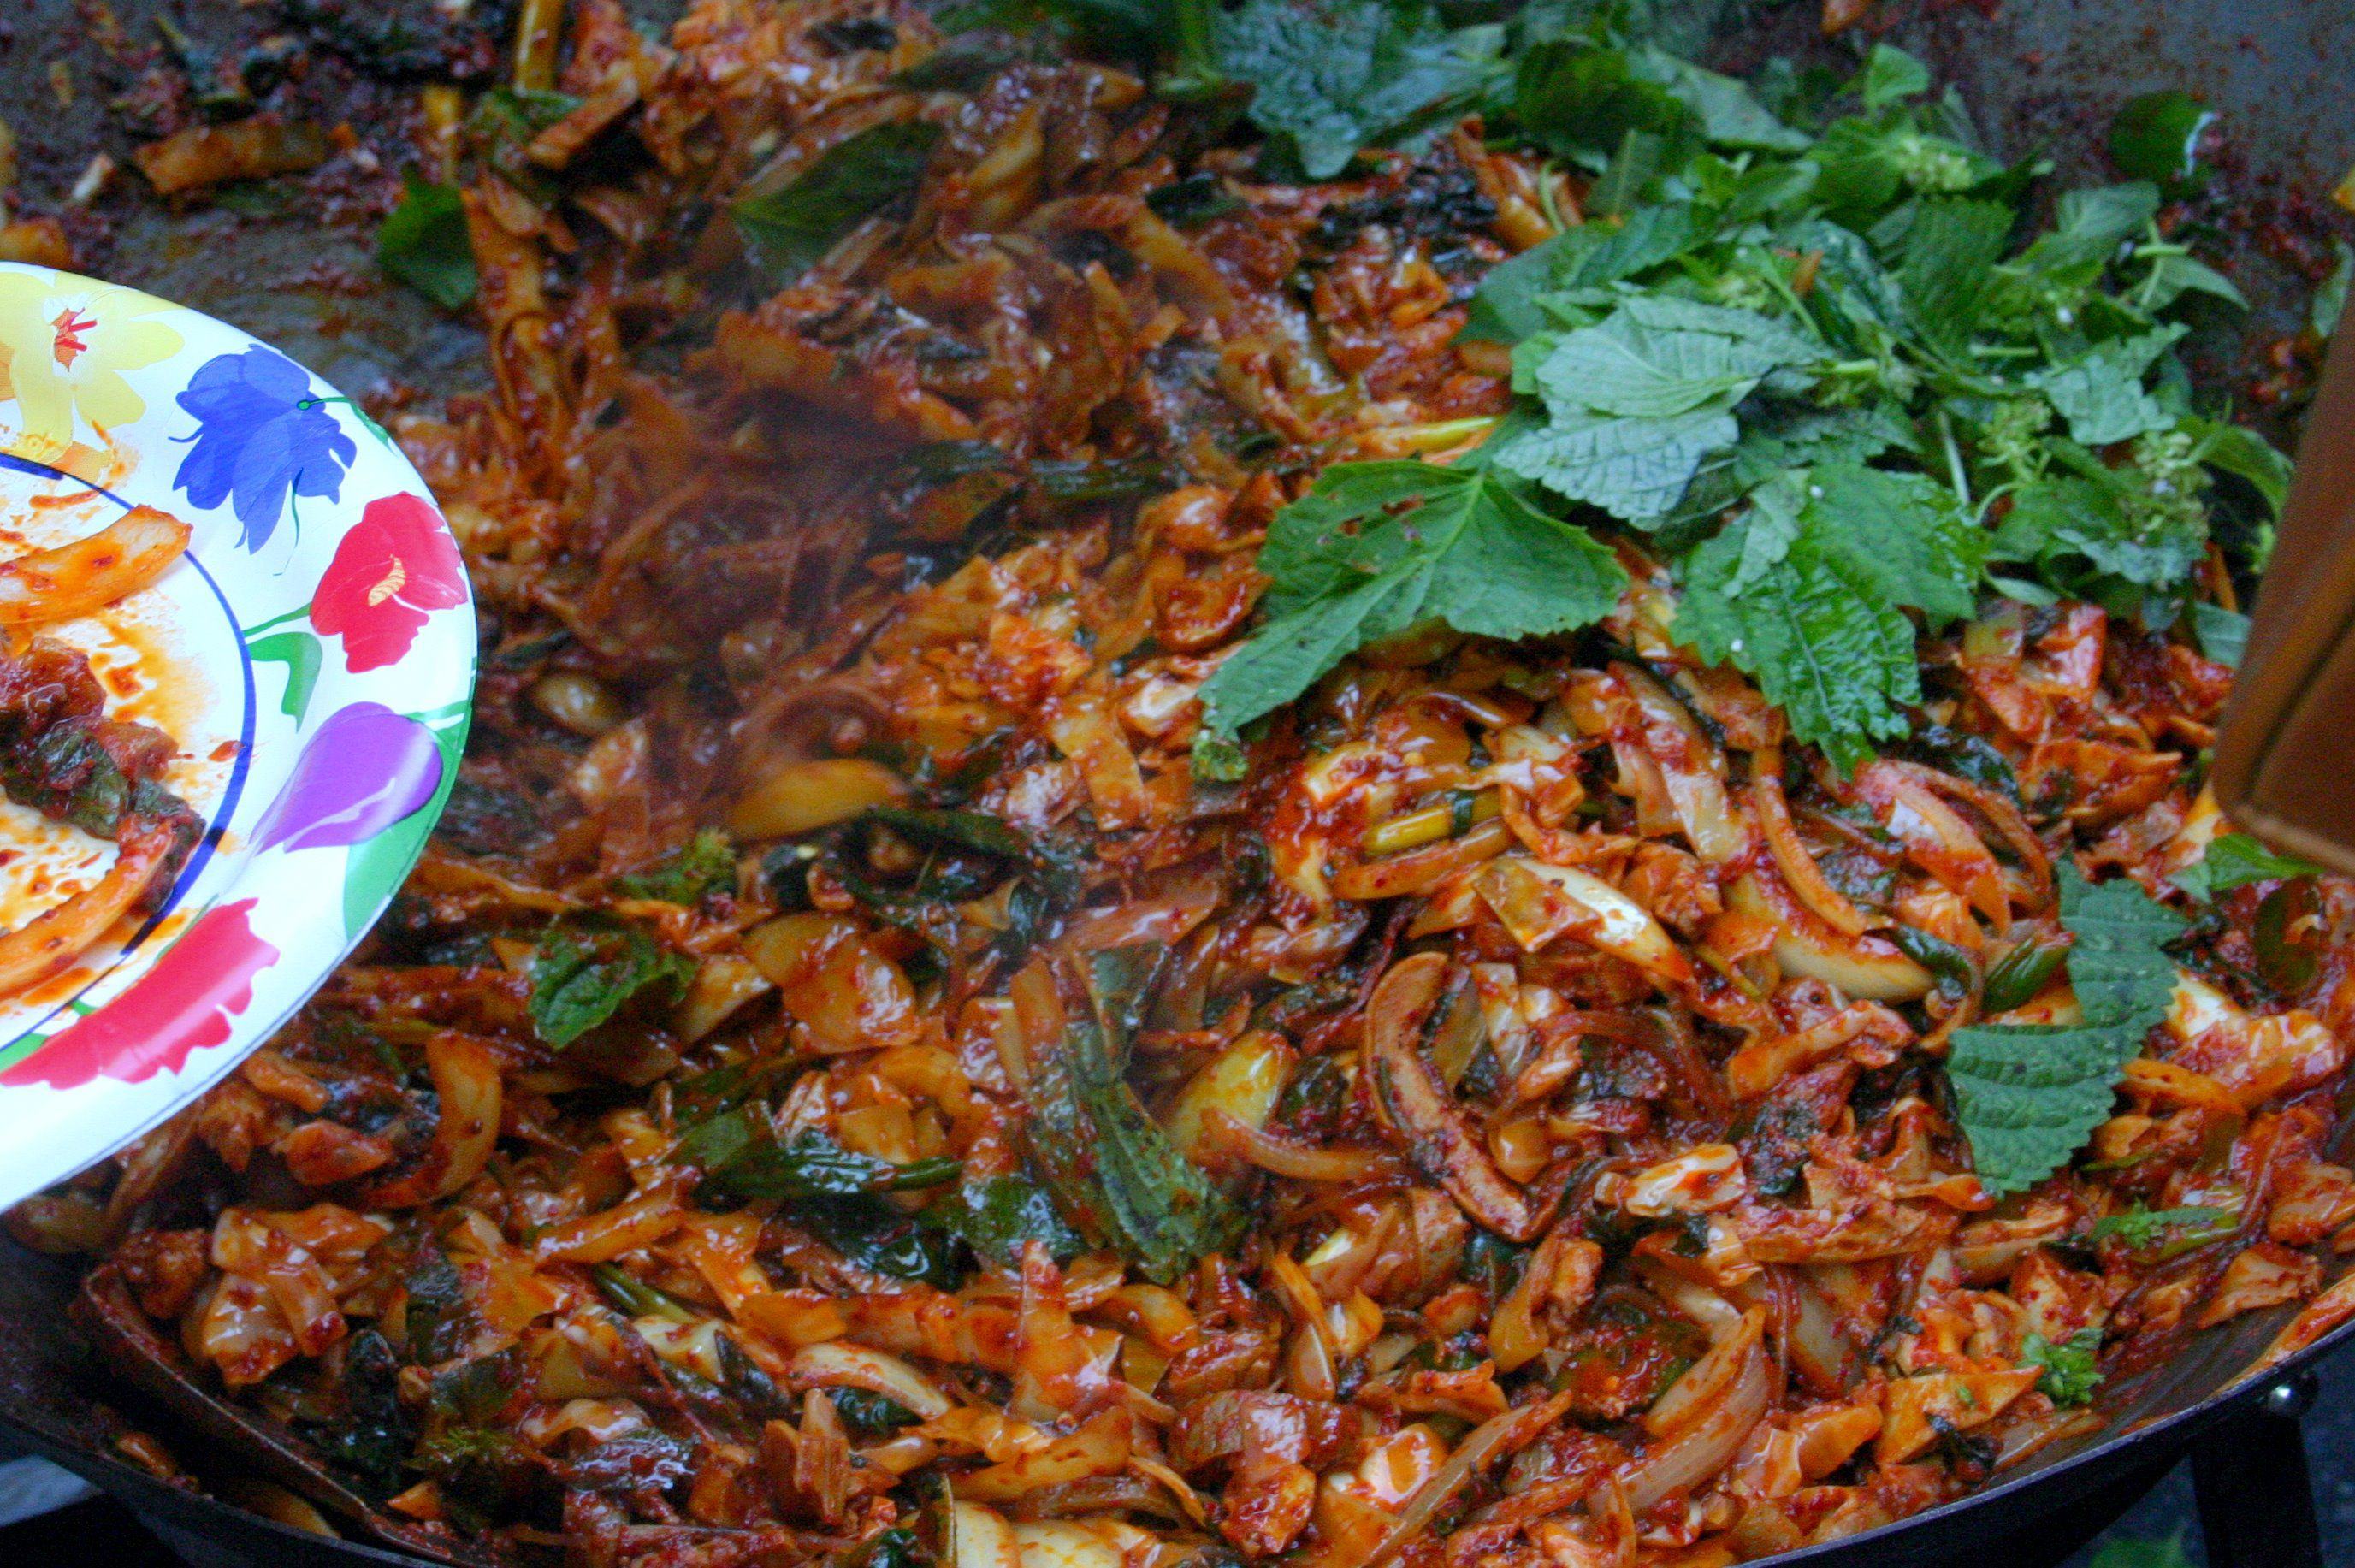 Korean Spicy Stir Fried Squid (Ojinguh Bokum)